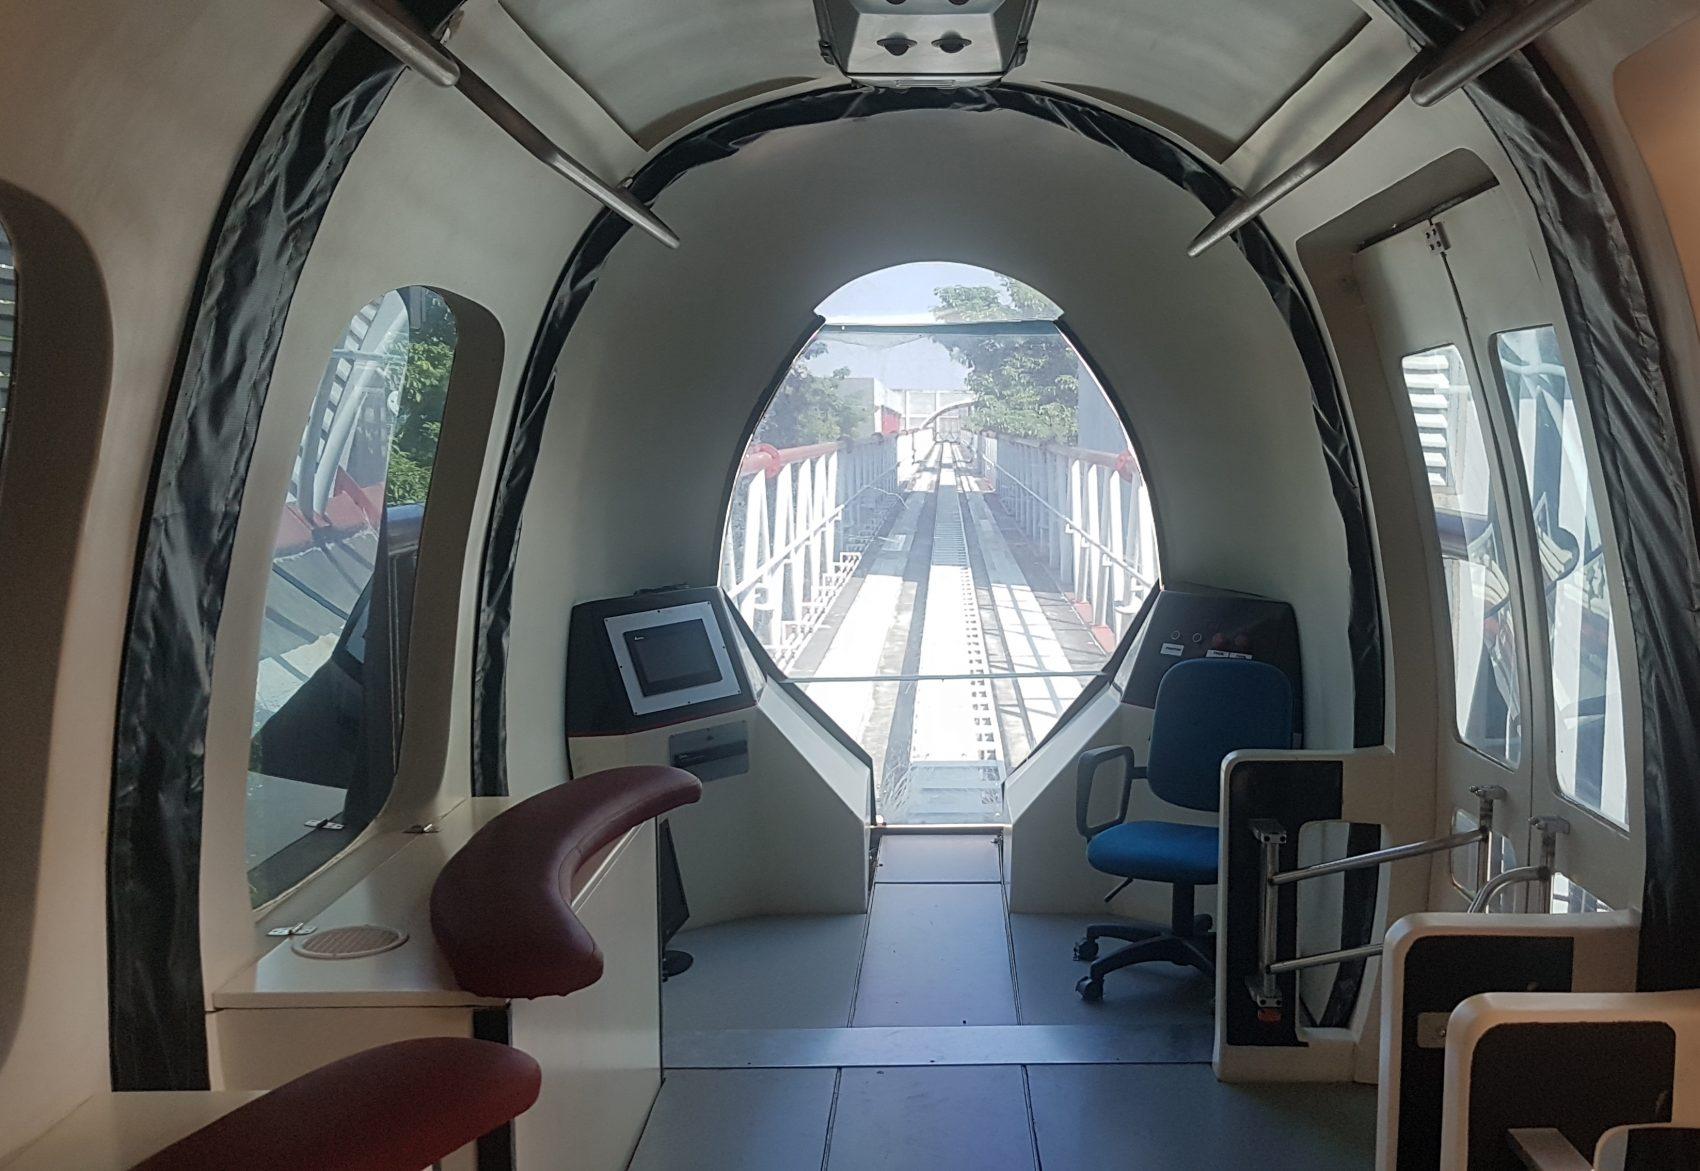 Trem de levitação magnética da UFRJ: silencioso e sem emissão de poluentes, já que é movido à energia elétrica (Foto: Oscar Valporto)